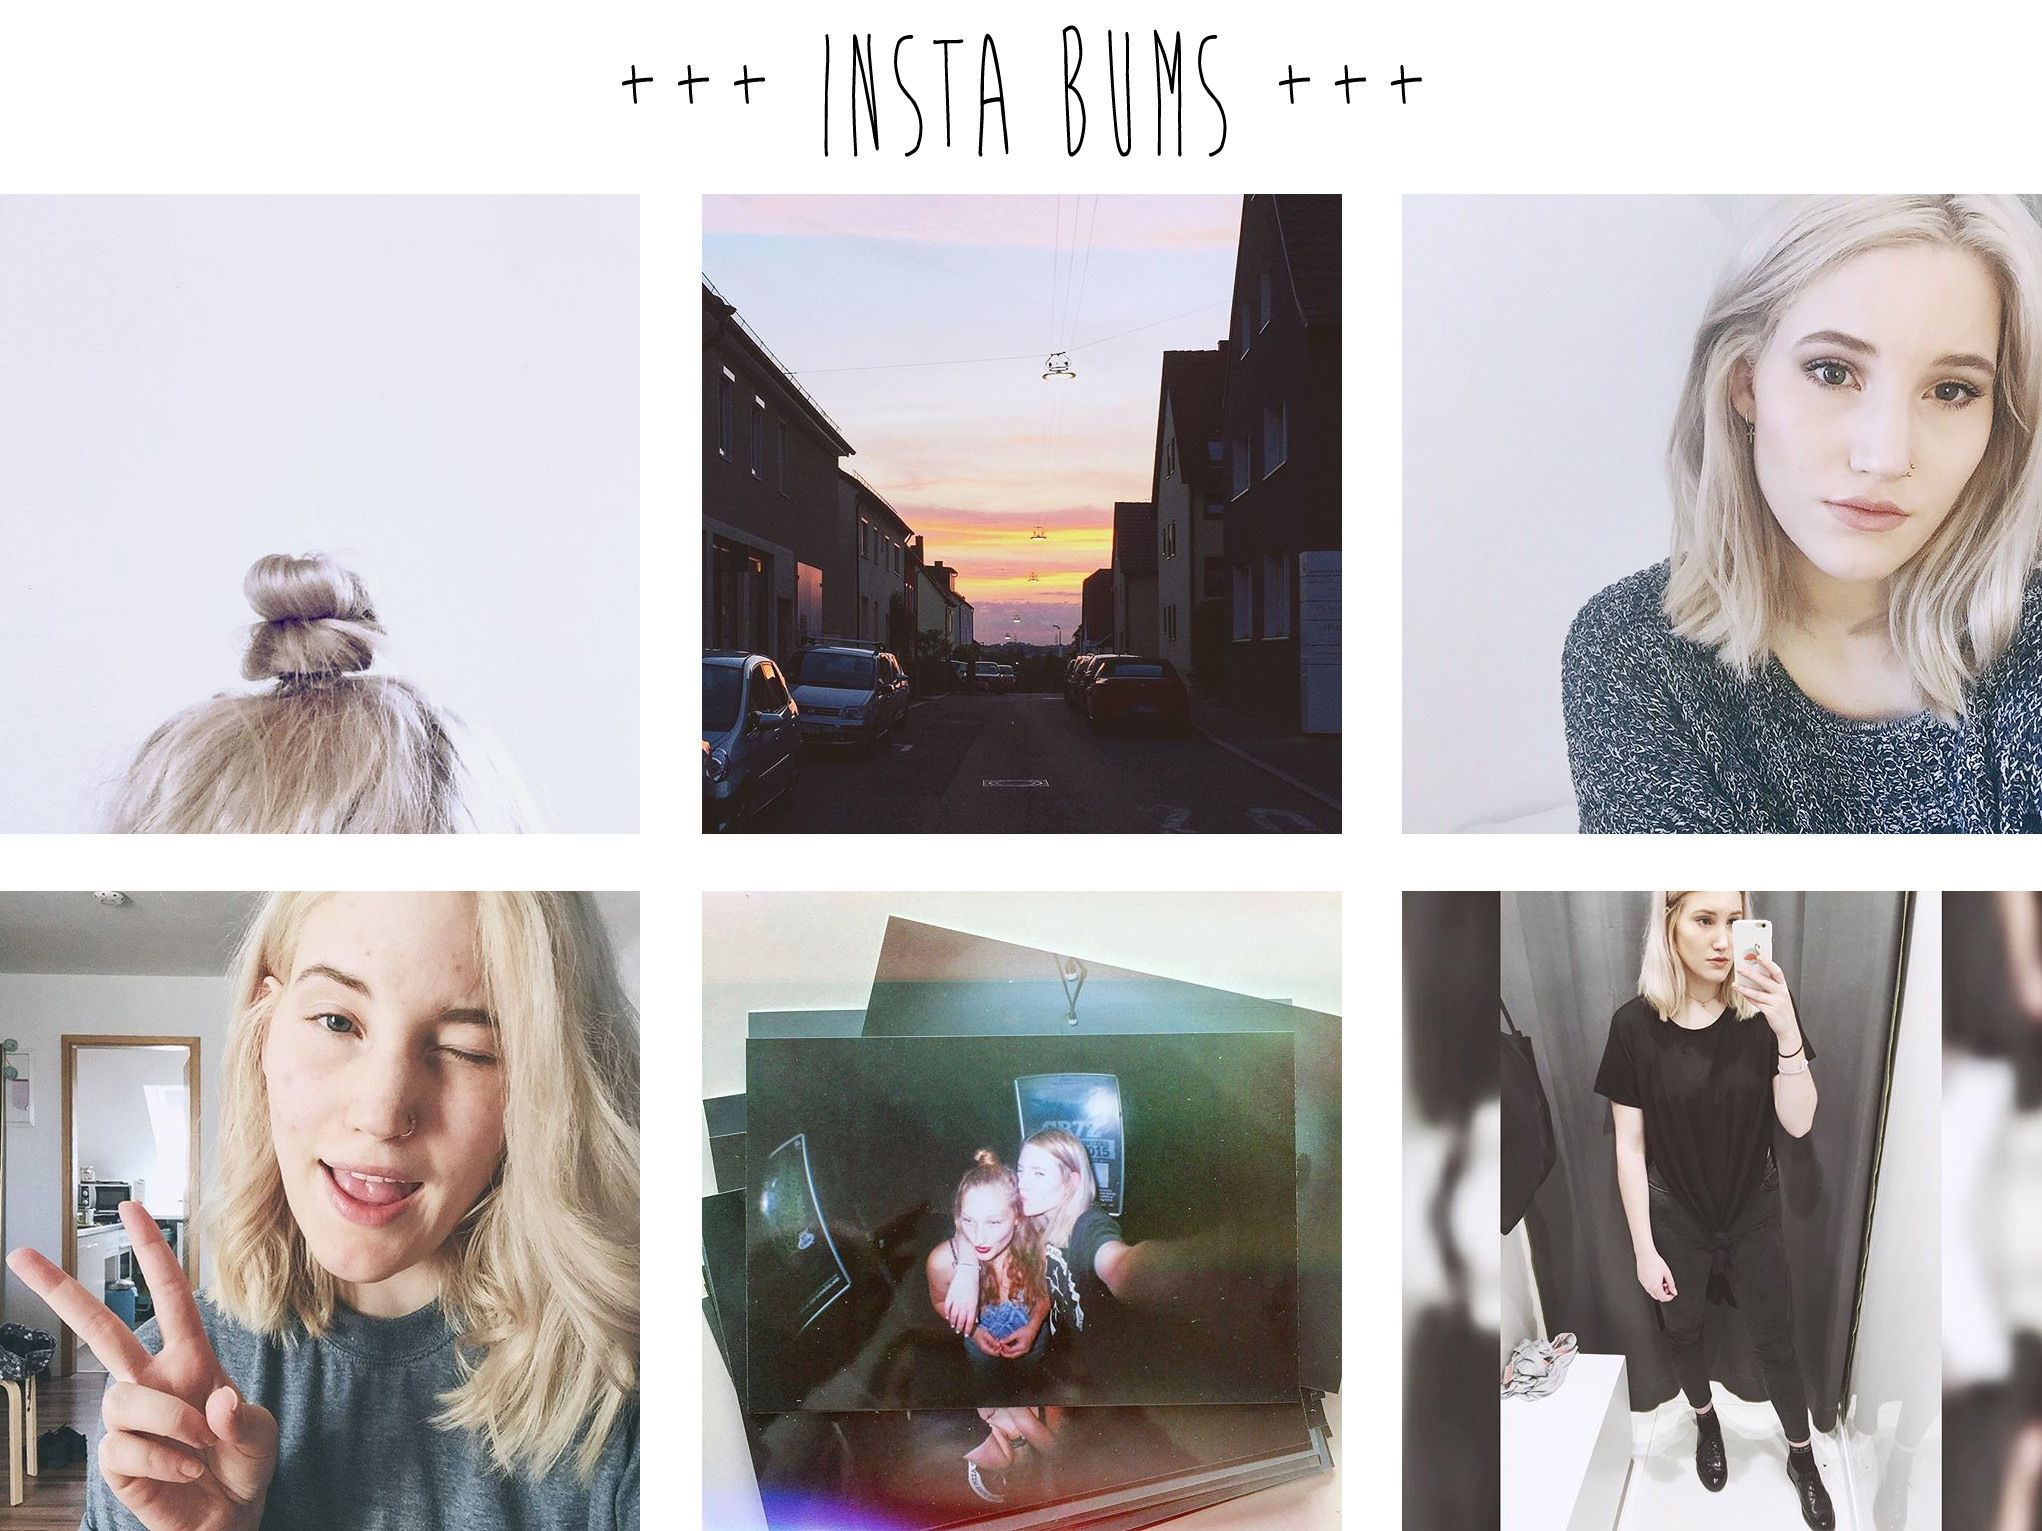 http://instagram.com/lizziemcguire